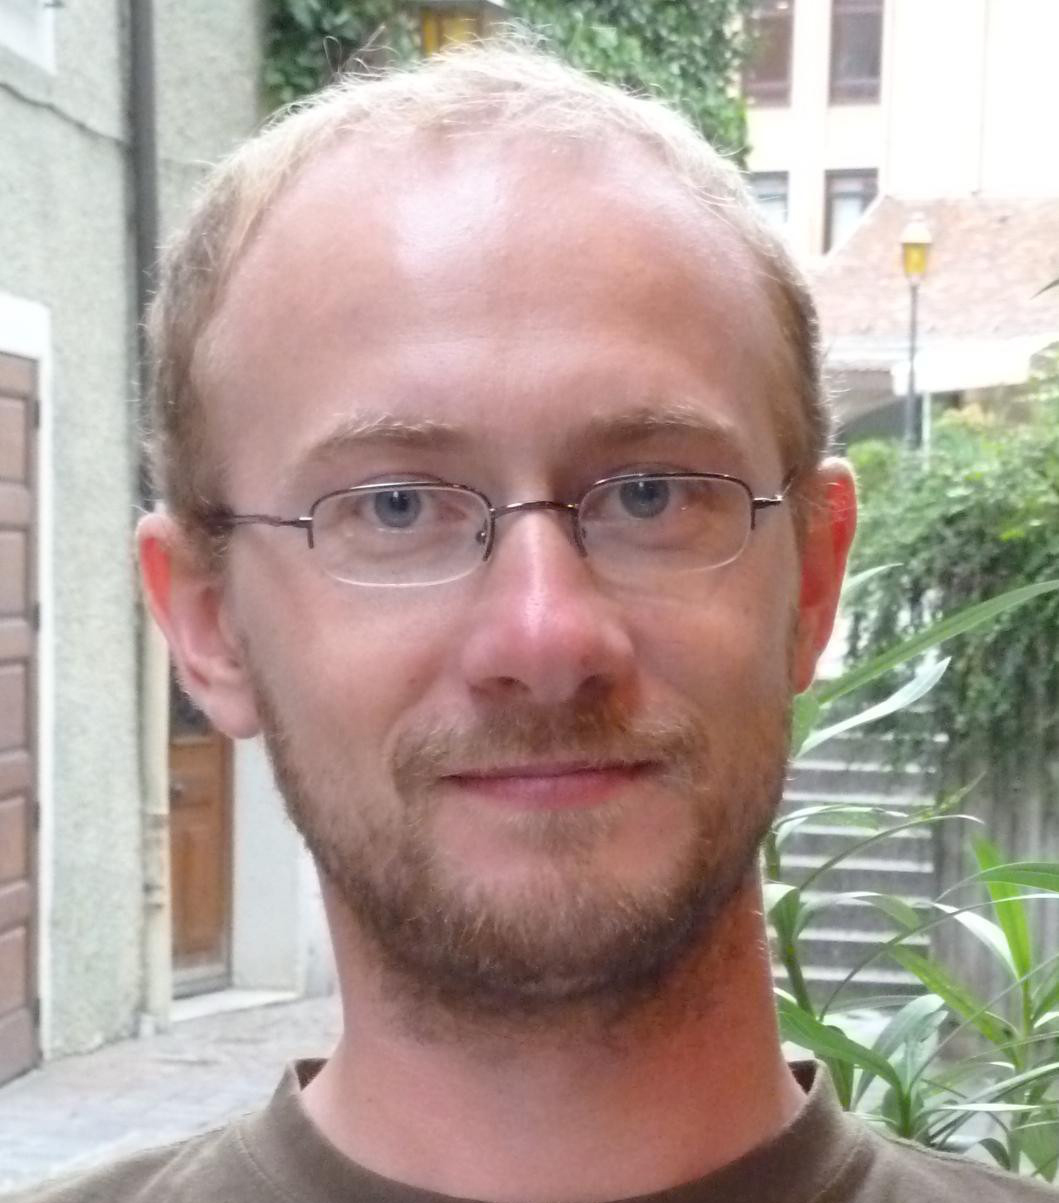 Vincent Debusschere